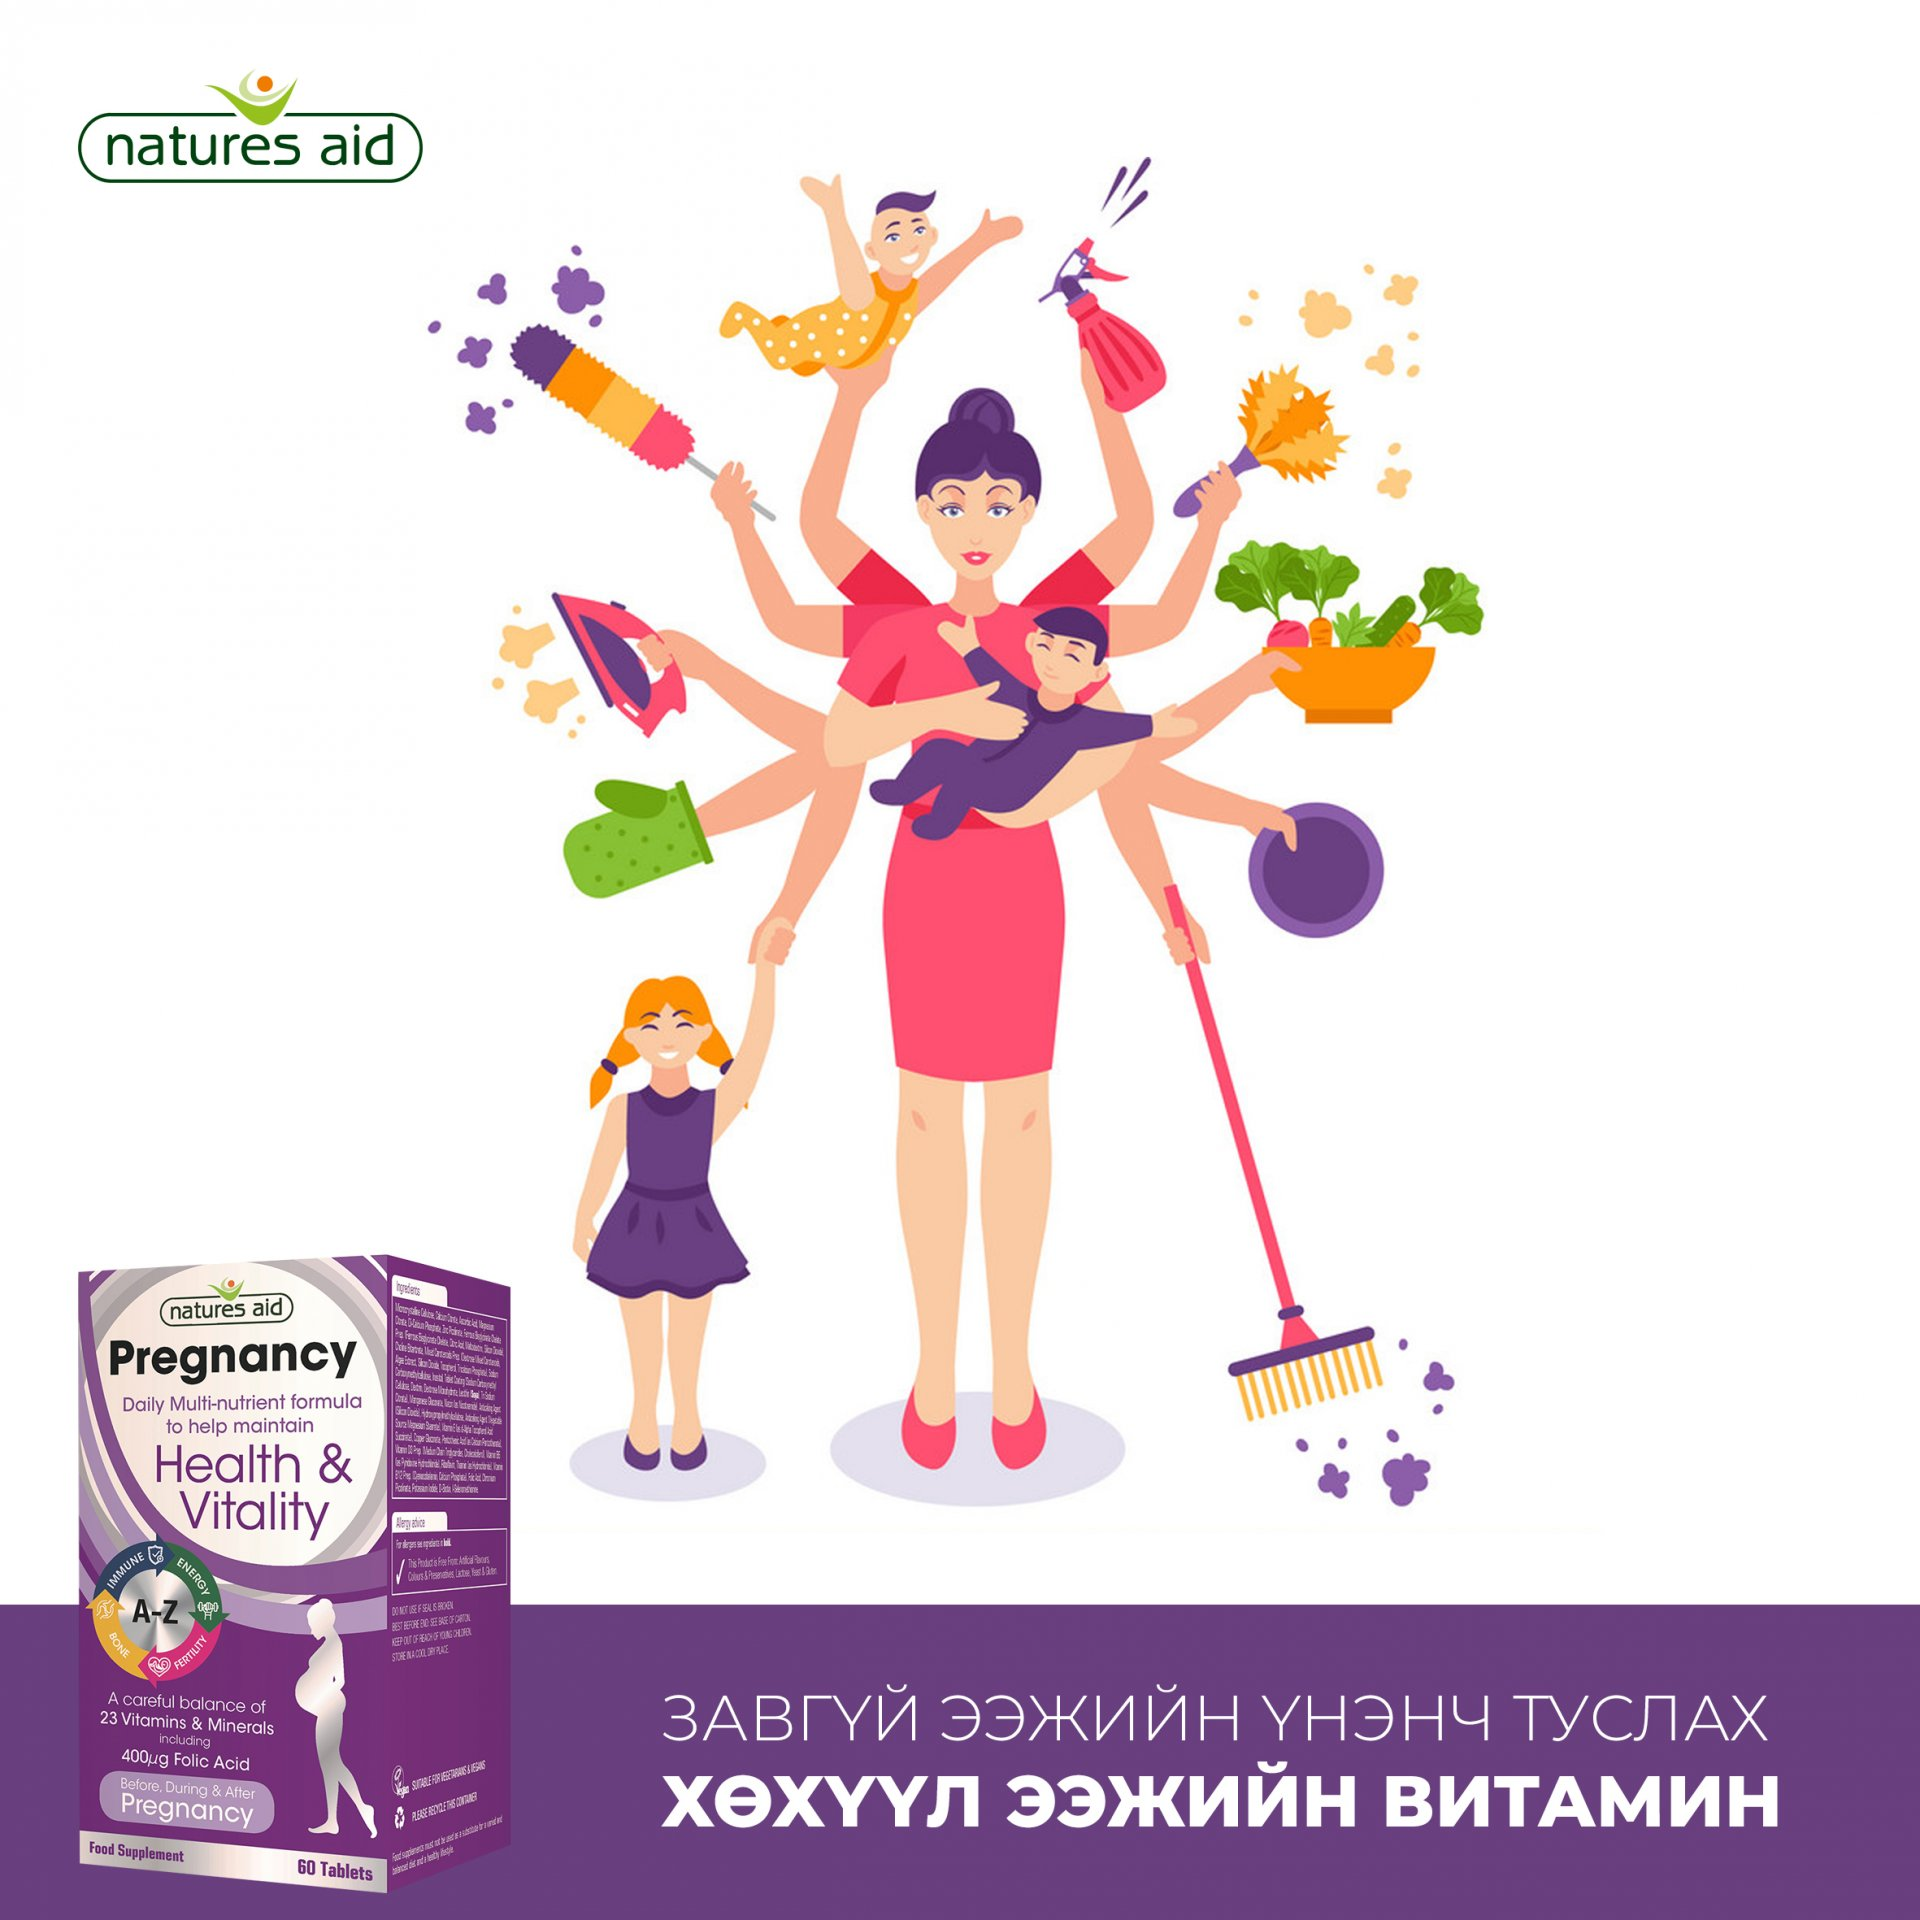 Хөхүүл ээжид витамин дутагдсаныг илэрхийлэх 8 шинж